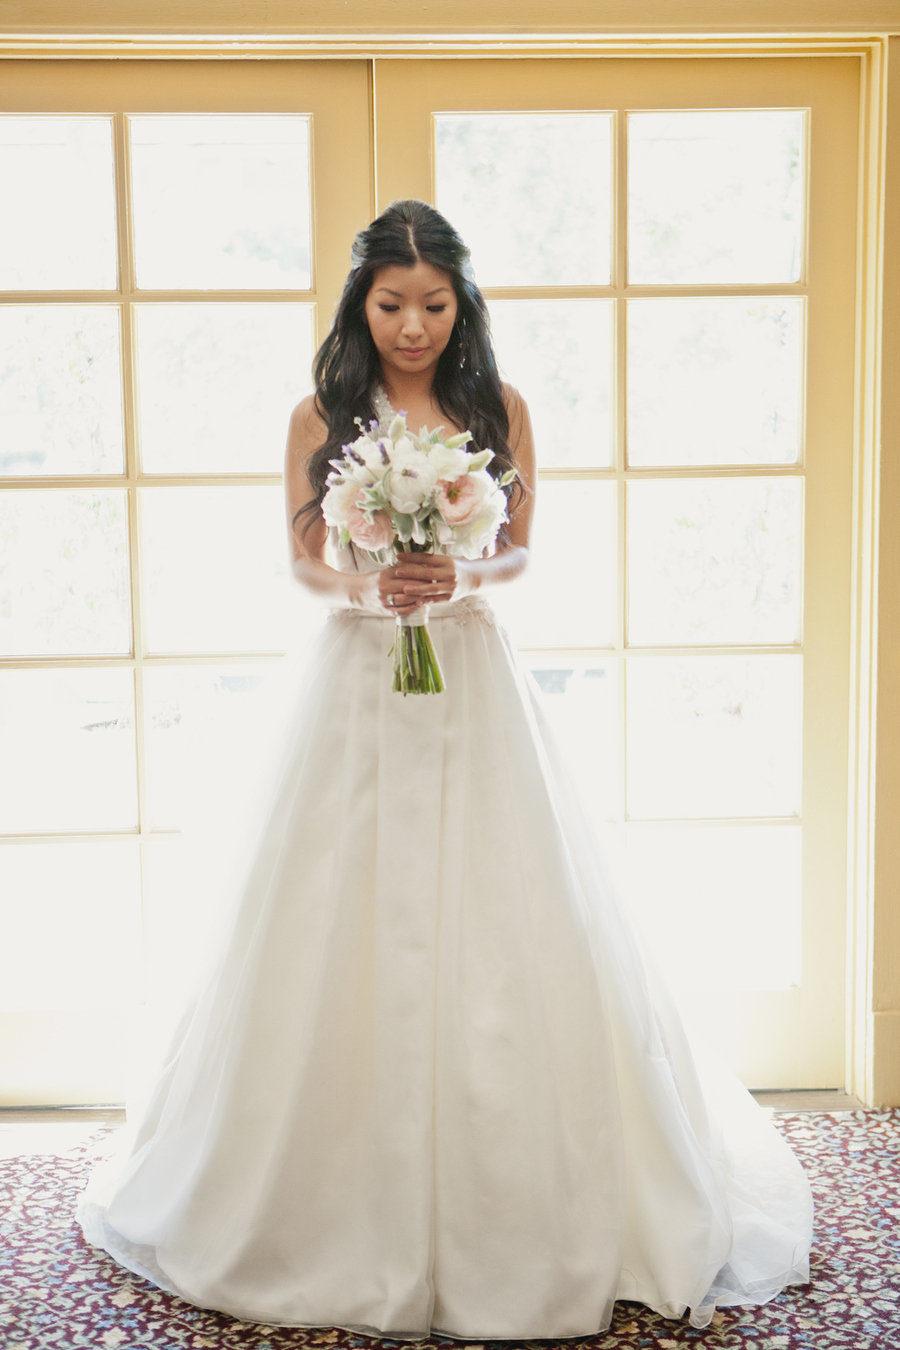 Thrift Store Wedding Dresses 79 Lovely